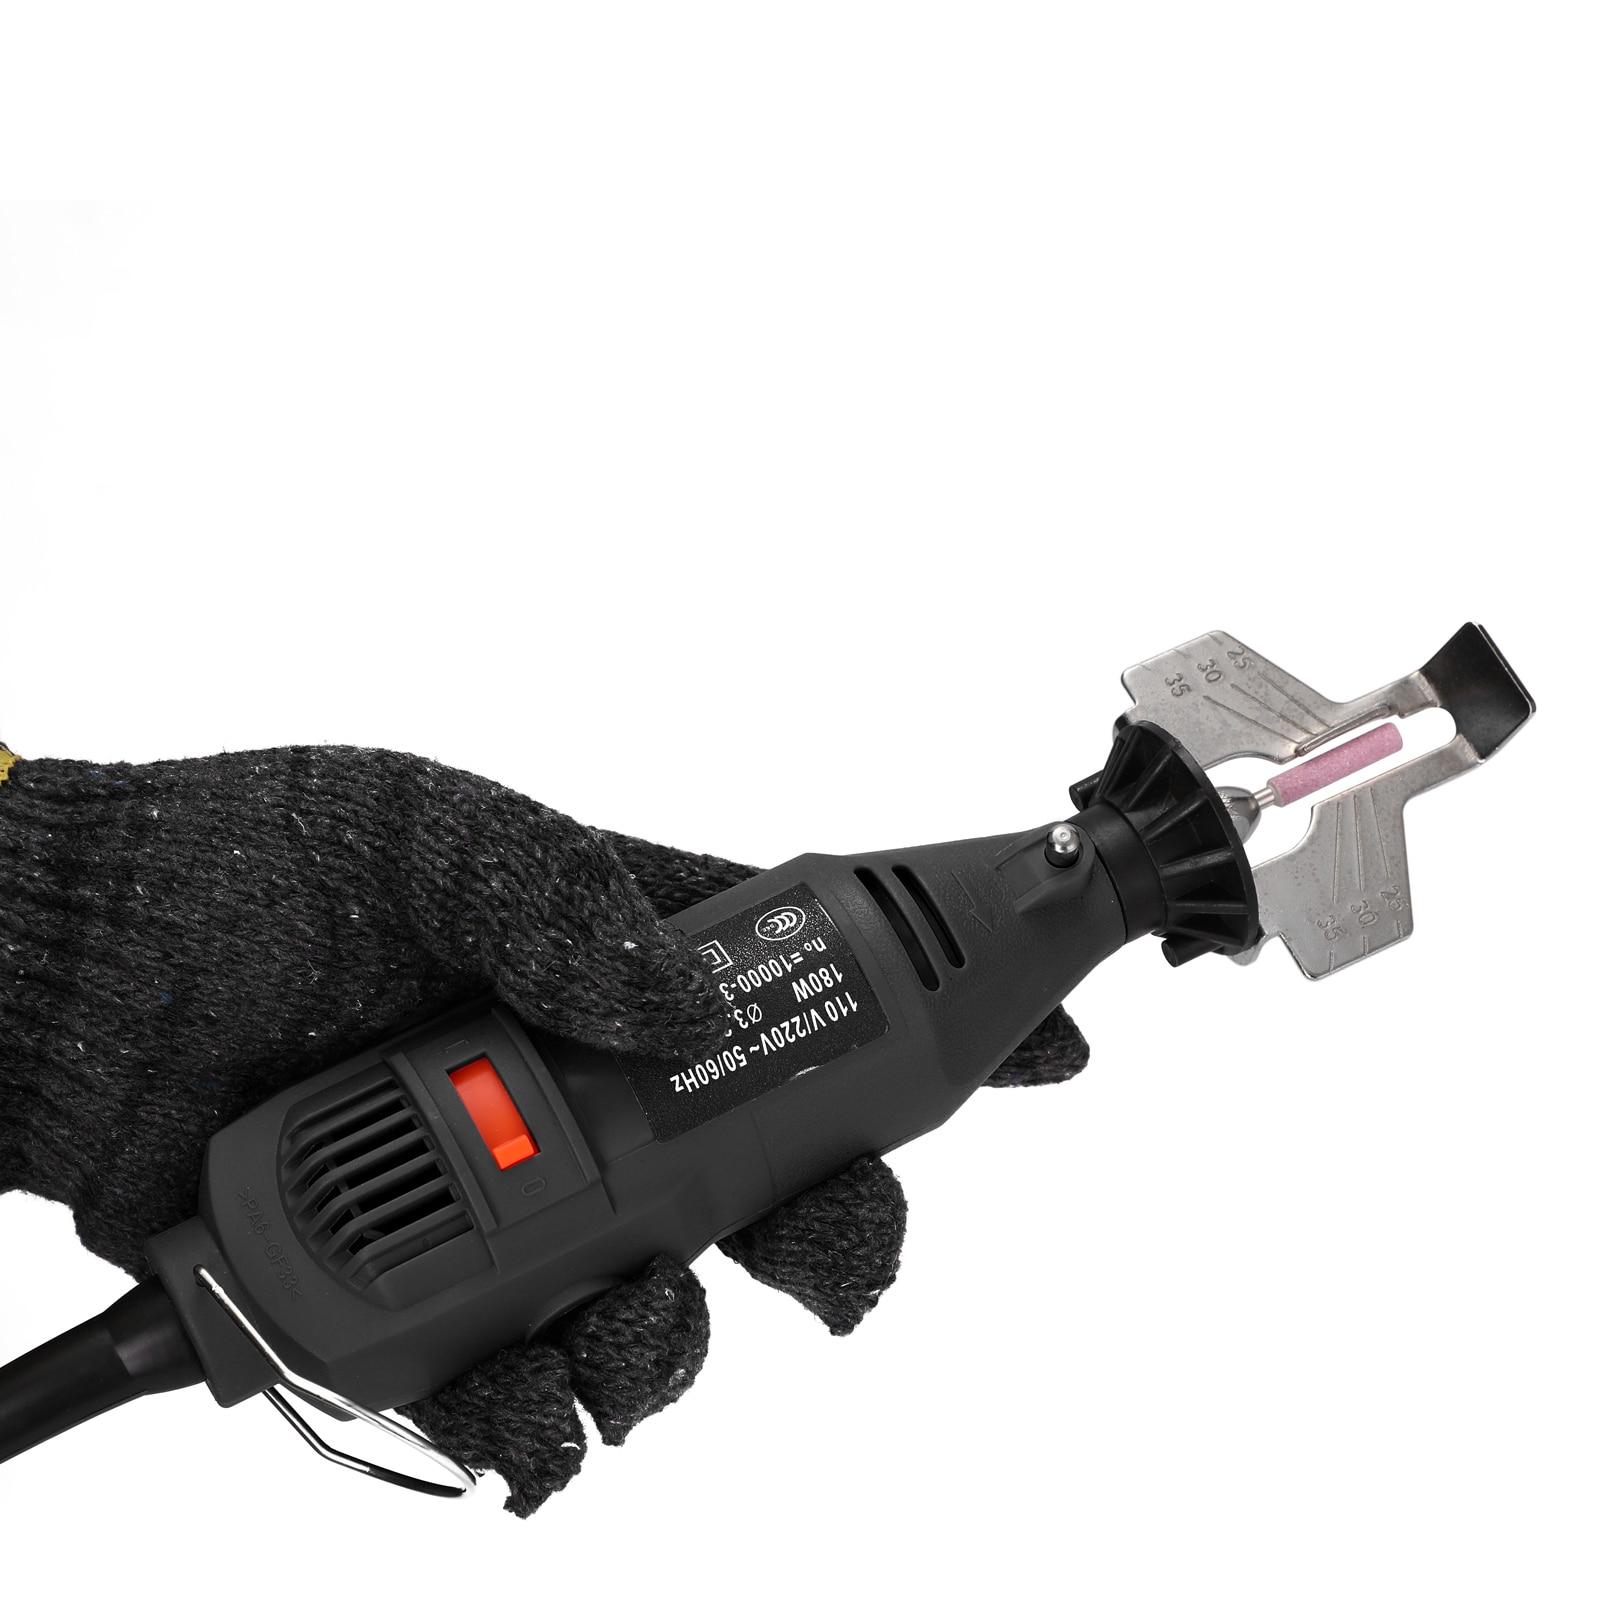 Kit de afiação de motosserra elétrica handheld